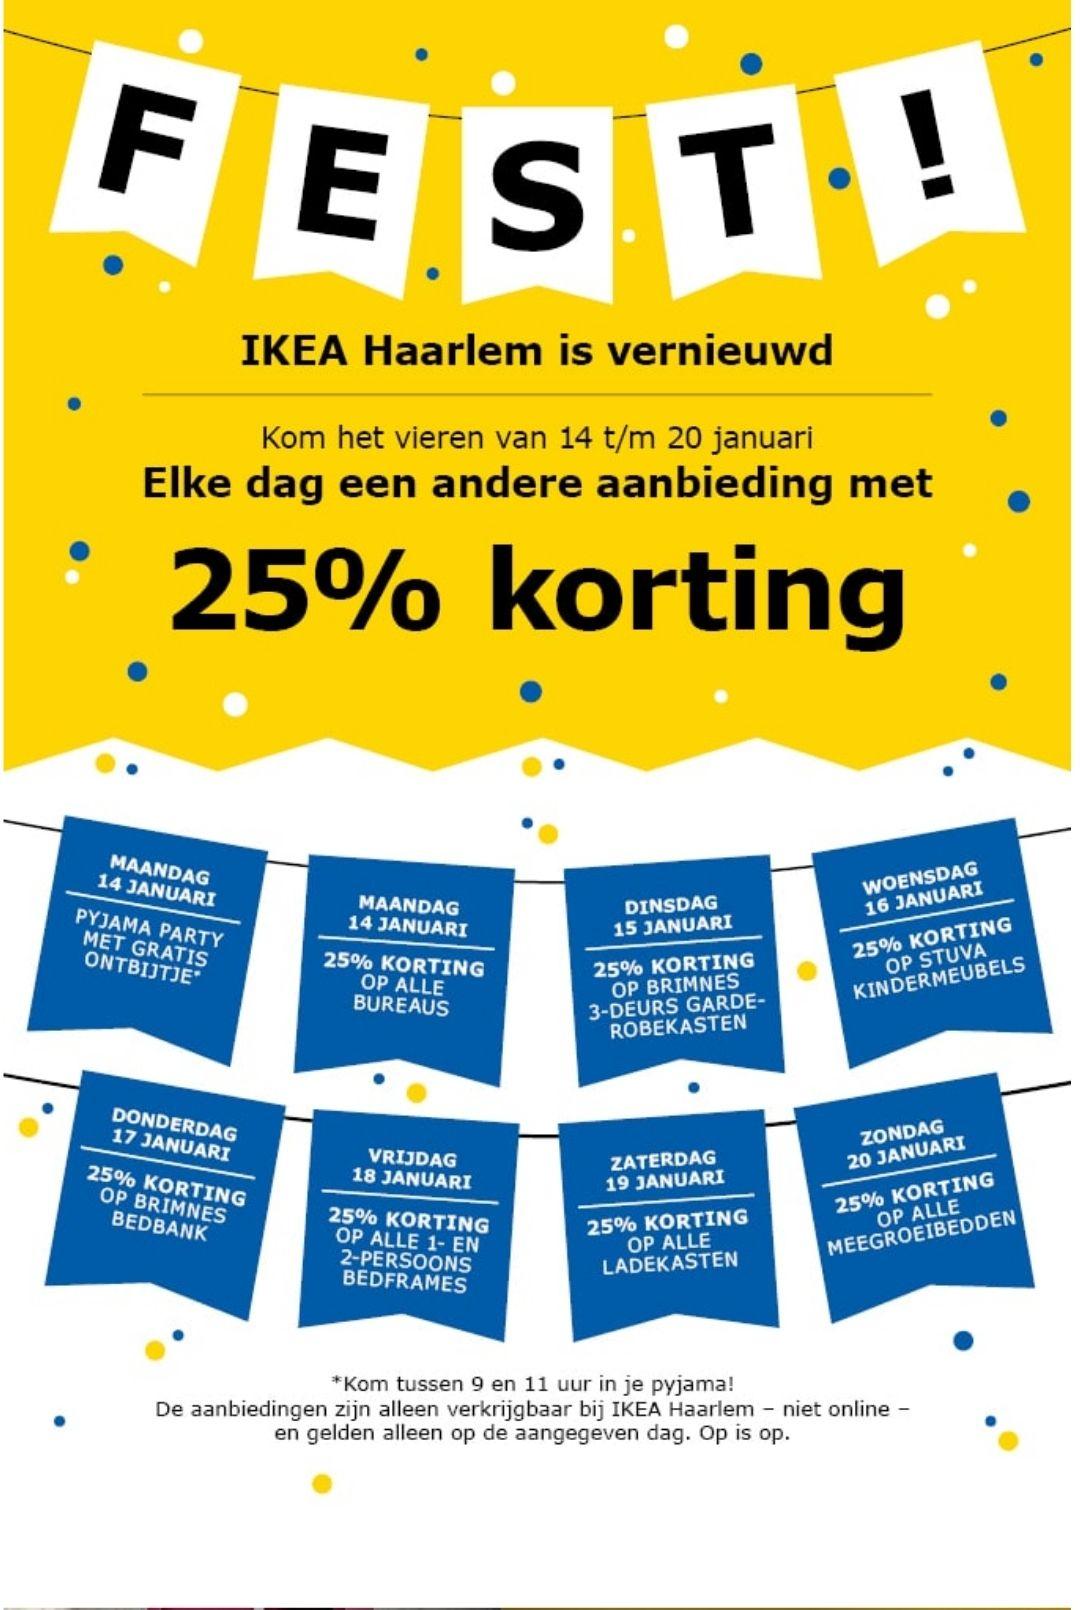 Fest @ Ikea Haarlem